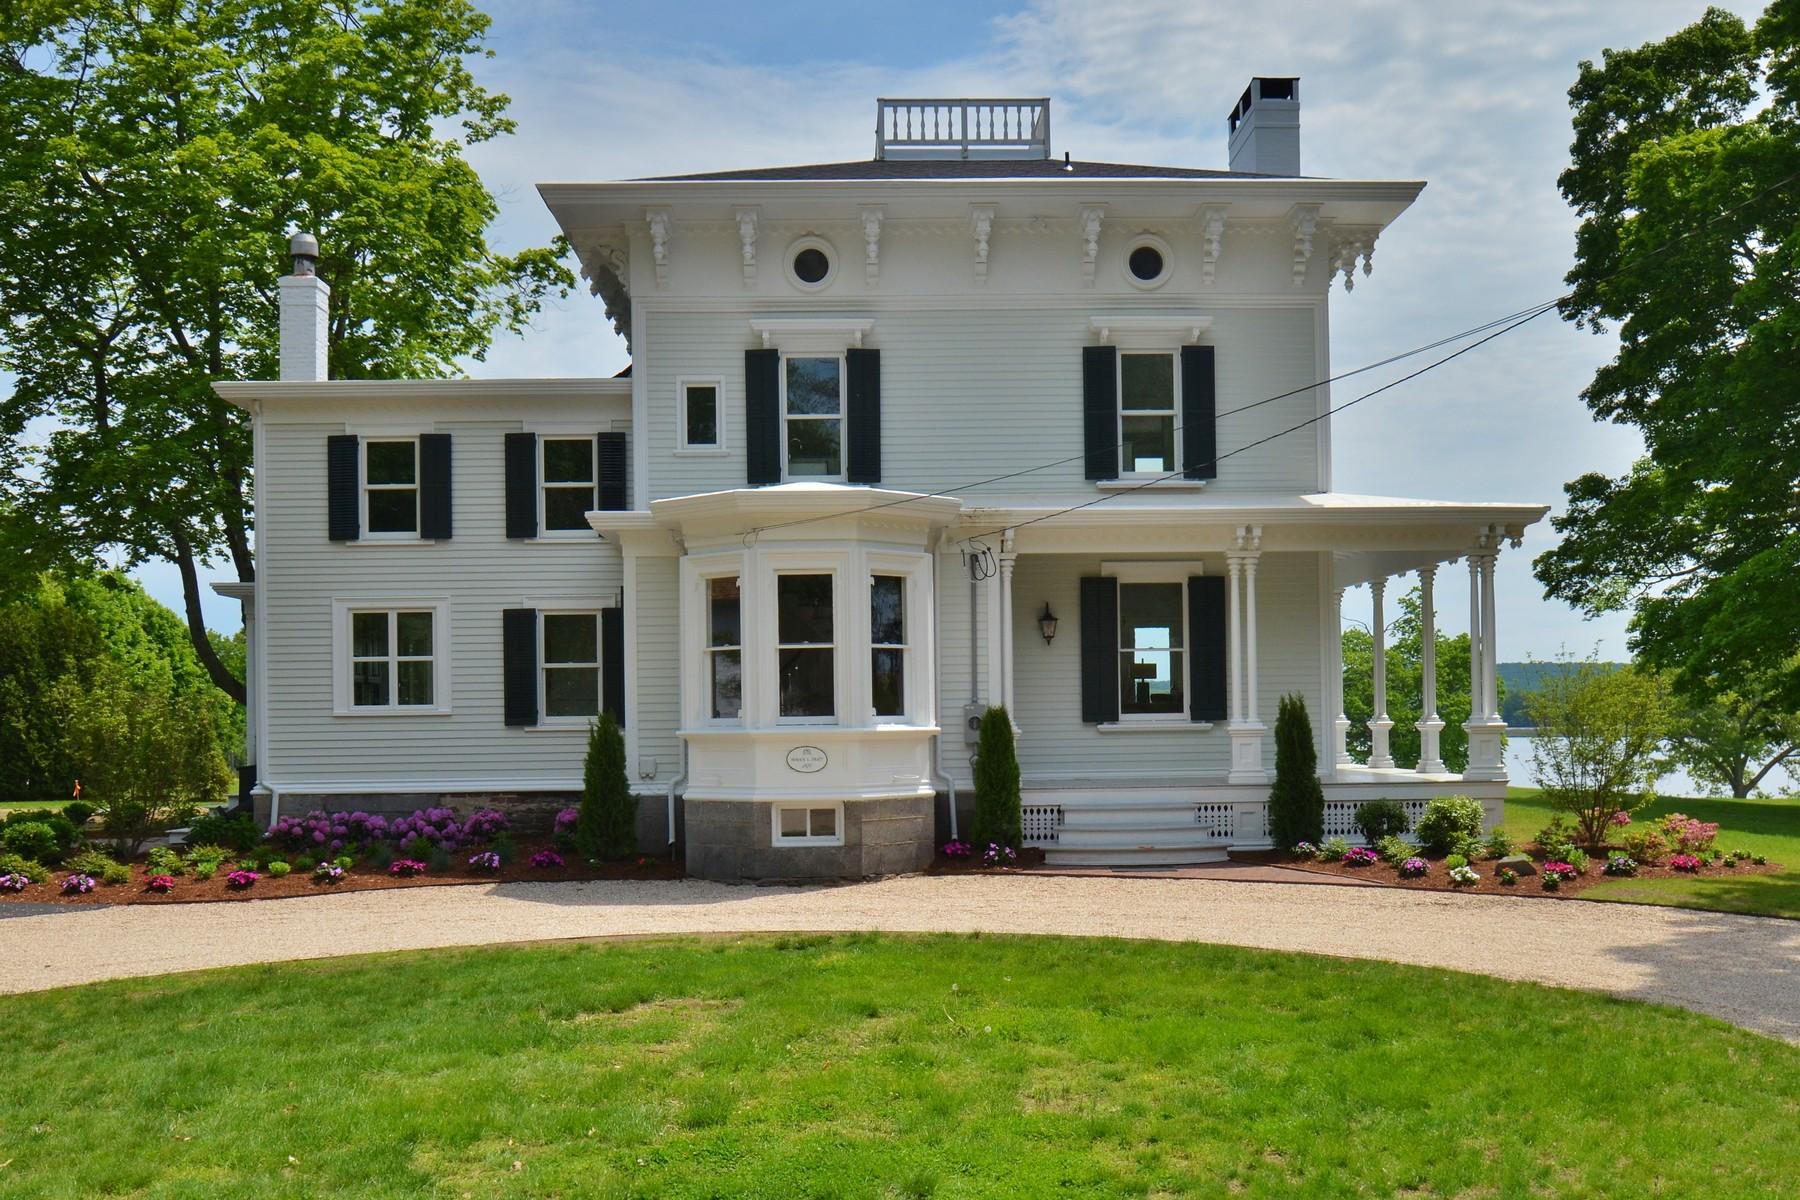 独户住宅 为 销售 在 Waterfront Signature Property is Reborn! 1 Foxboro 埃塞克斯, 康涅狄格州 06426 美国